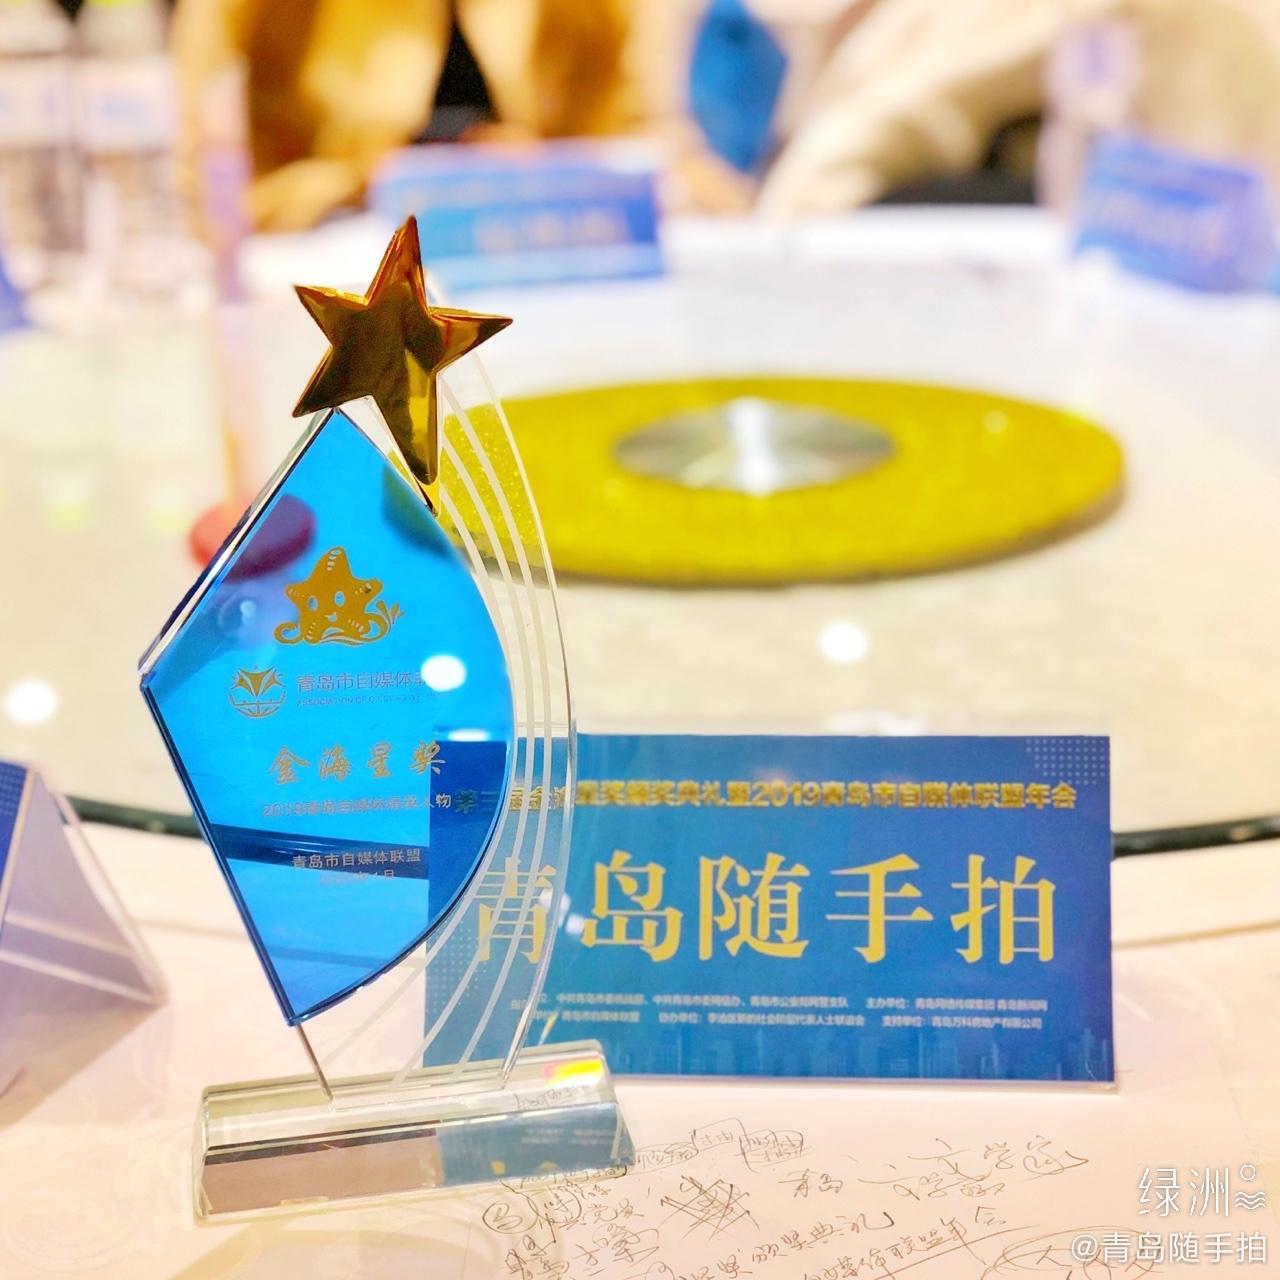 又是一年金海星奖,感谢青岛市自媒体联盟